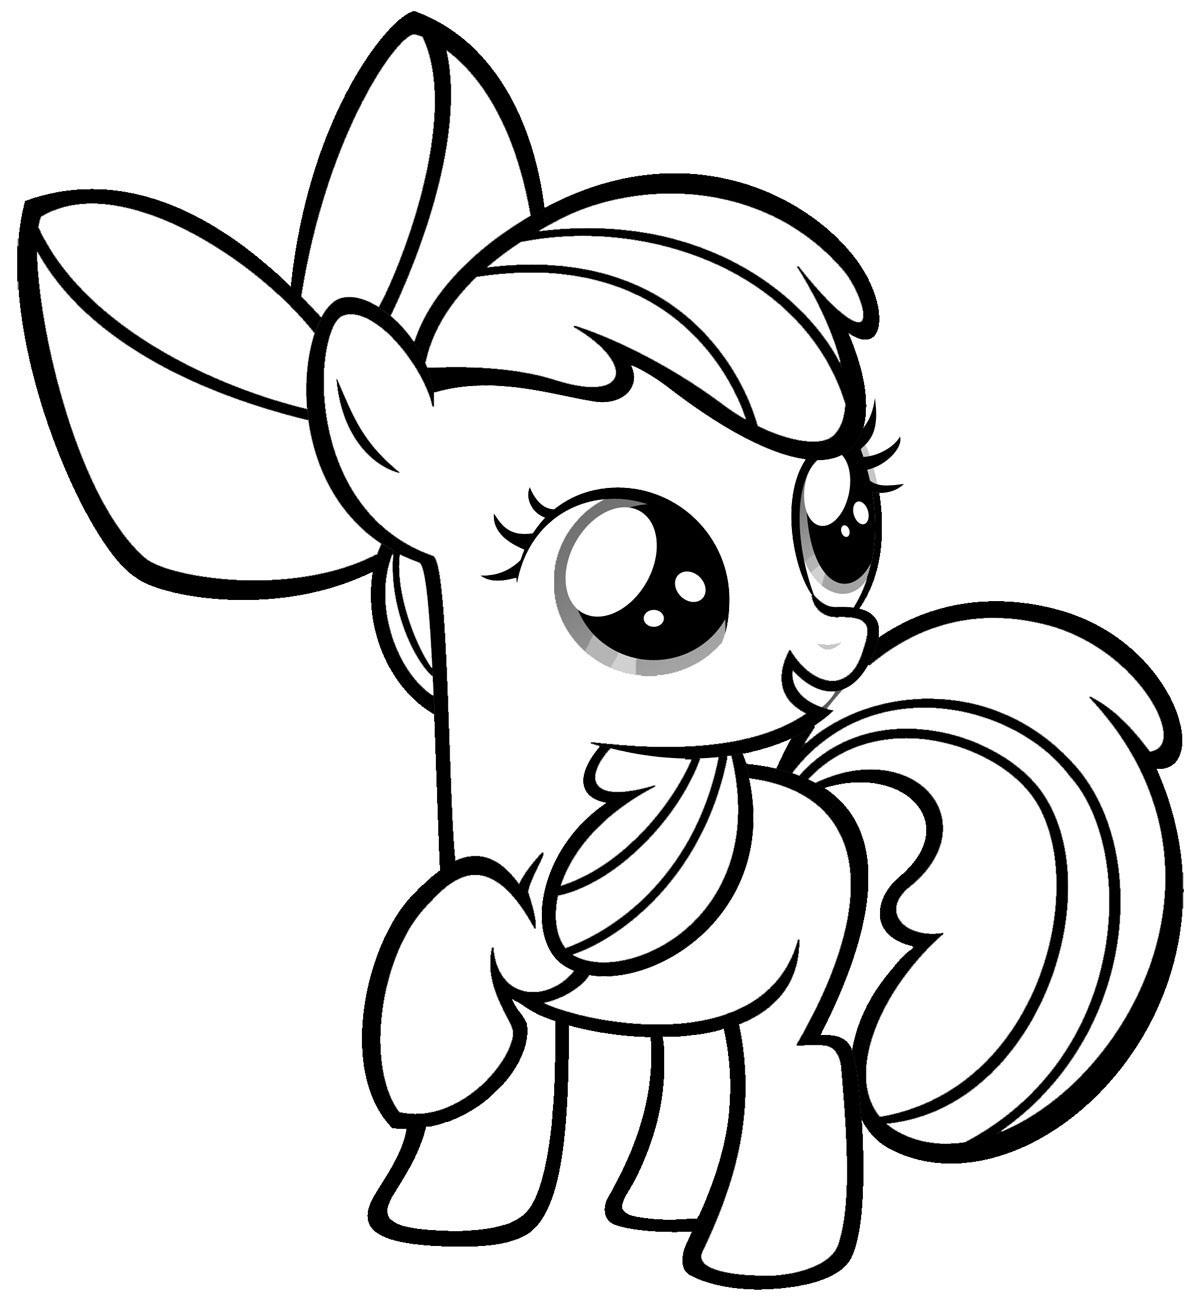 Gambar Kepala Unicorn Untuk Mewarnai Wwwtollebildcom